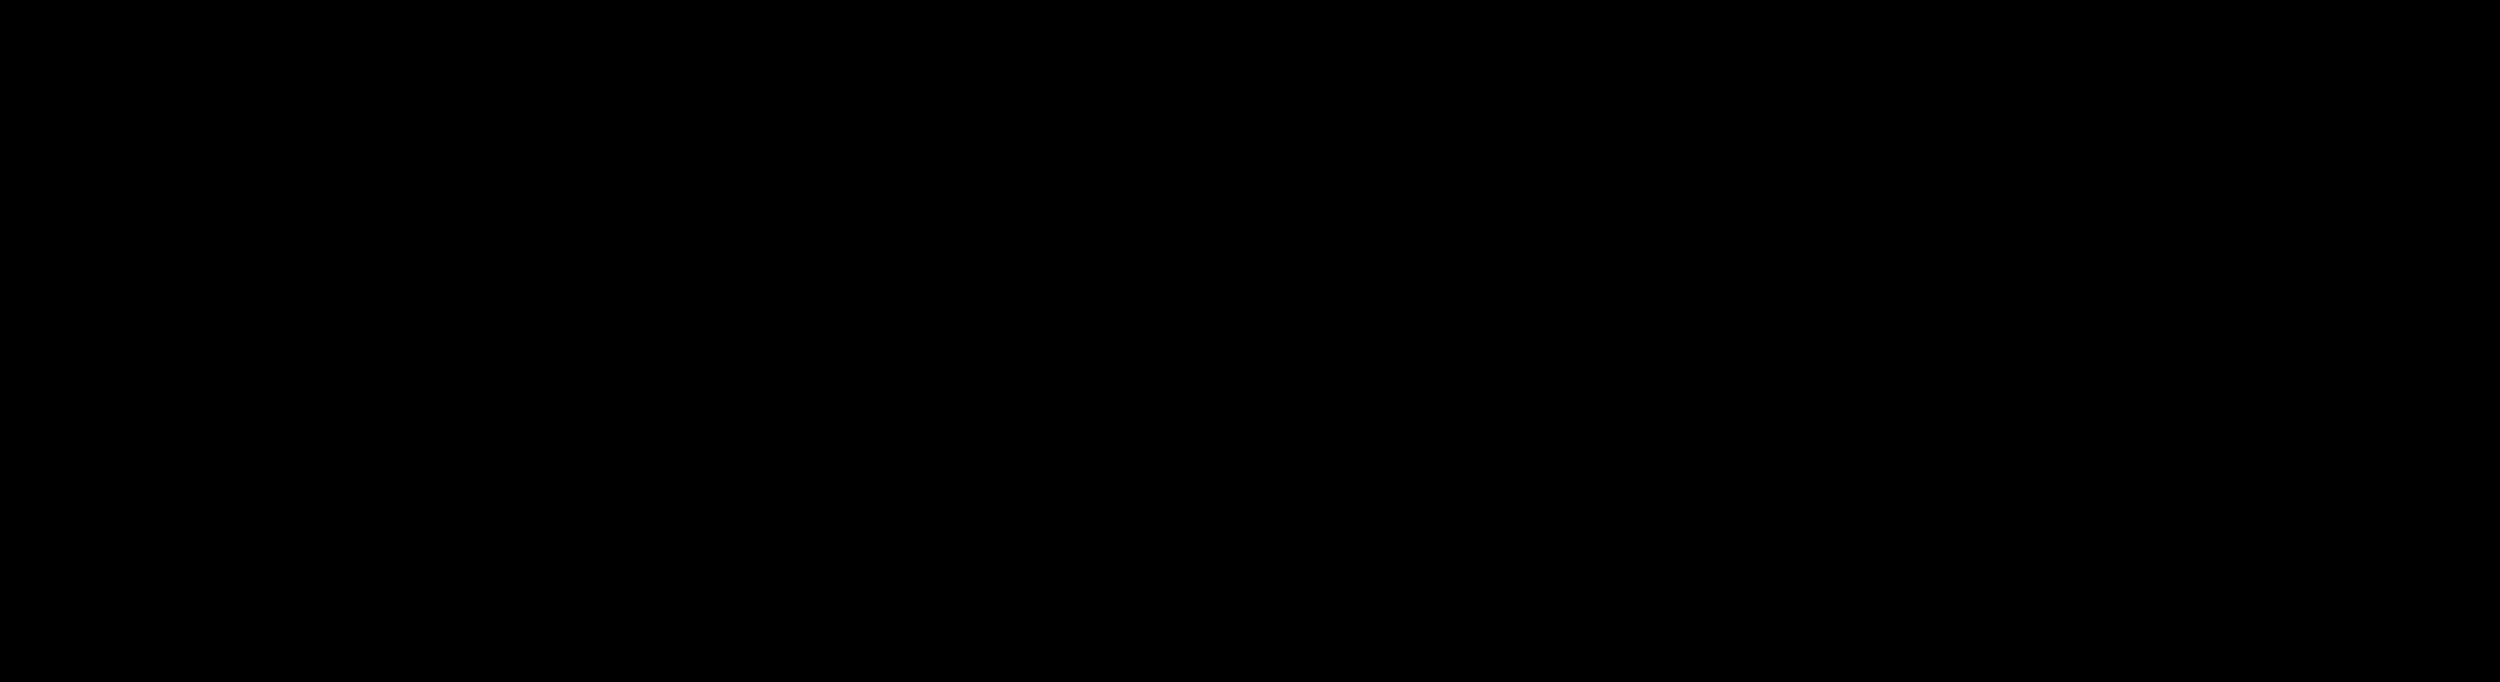 EXOS_Logo_Black.png